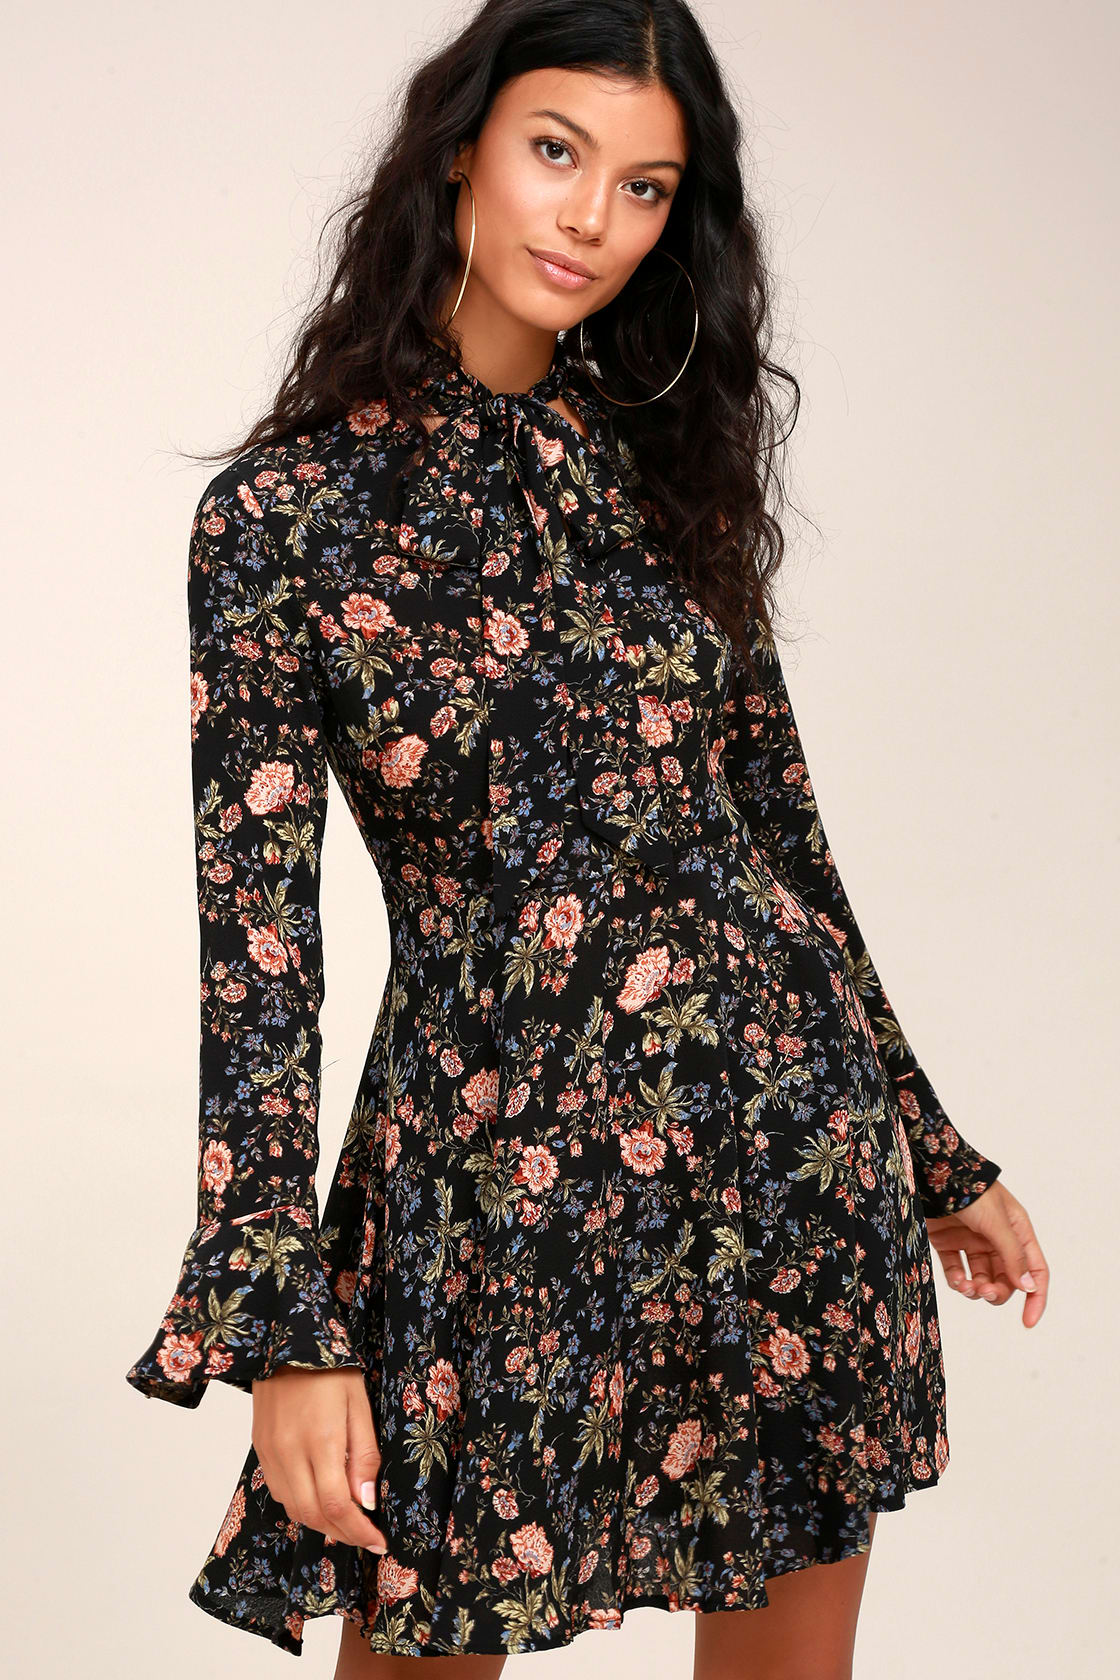 Picturesque Piece Black Floral Long Sleeve Tie-Neck Dress, $54